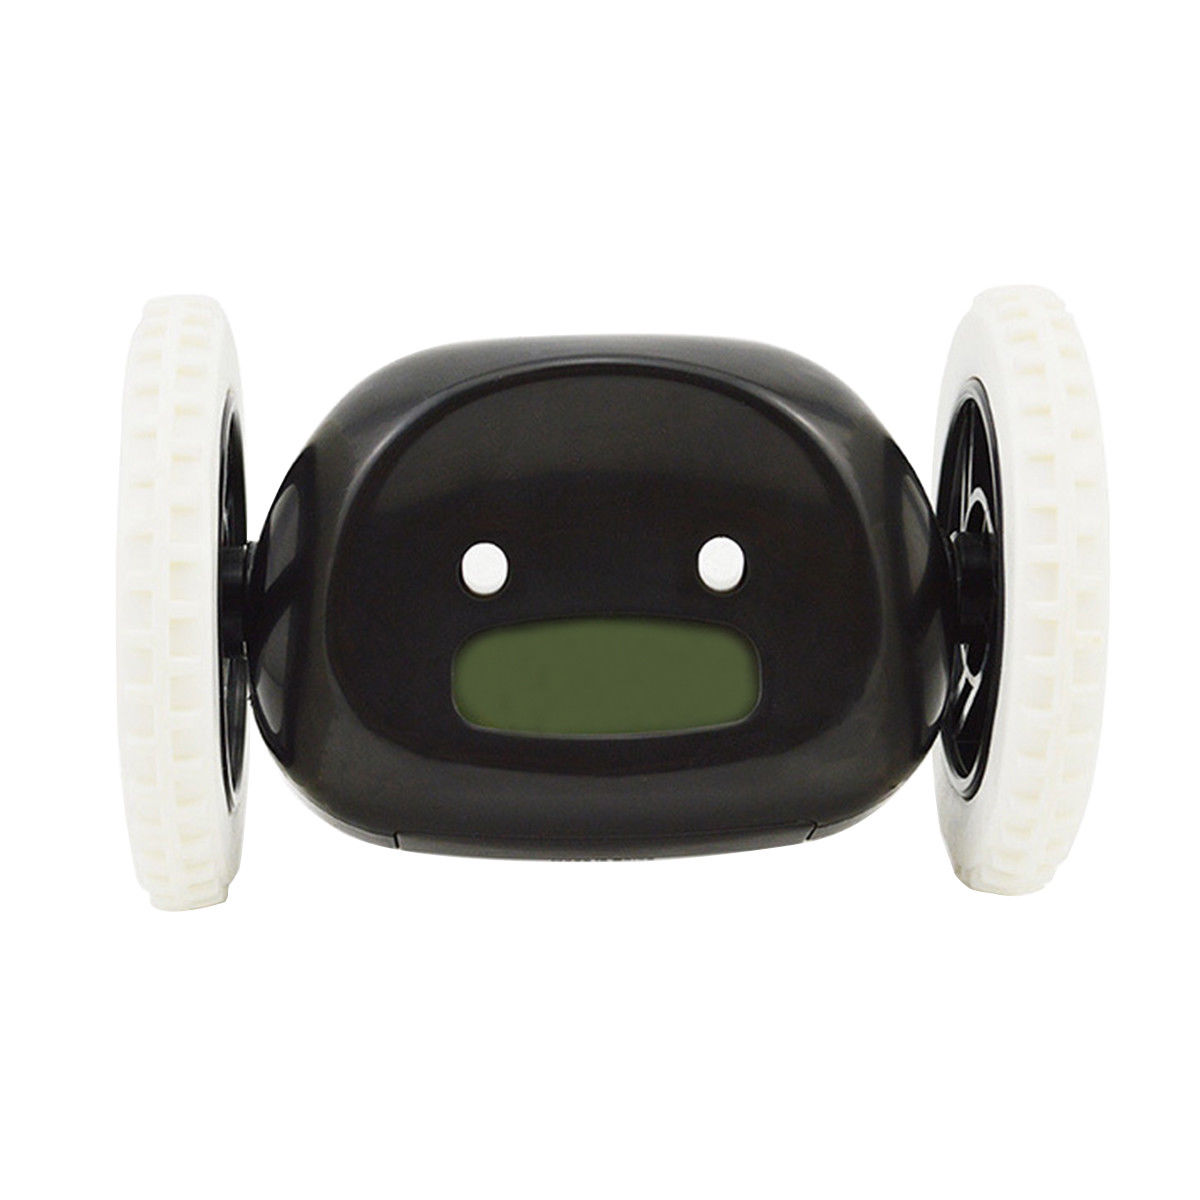 CHAUDE-Mobile Emballement de Course Sur Roues Numérique LCD Alarme Horloge Chase l'alarme